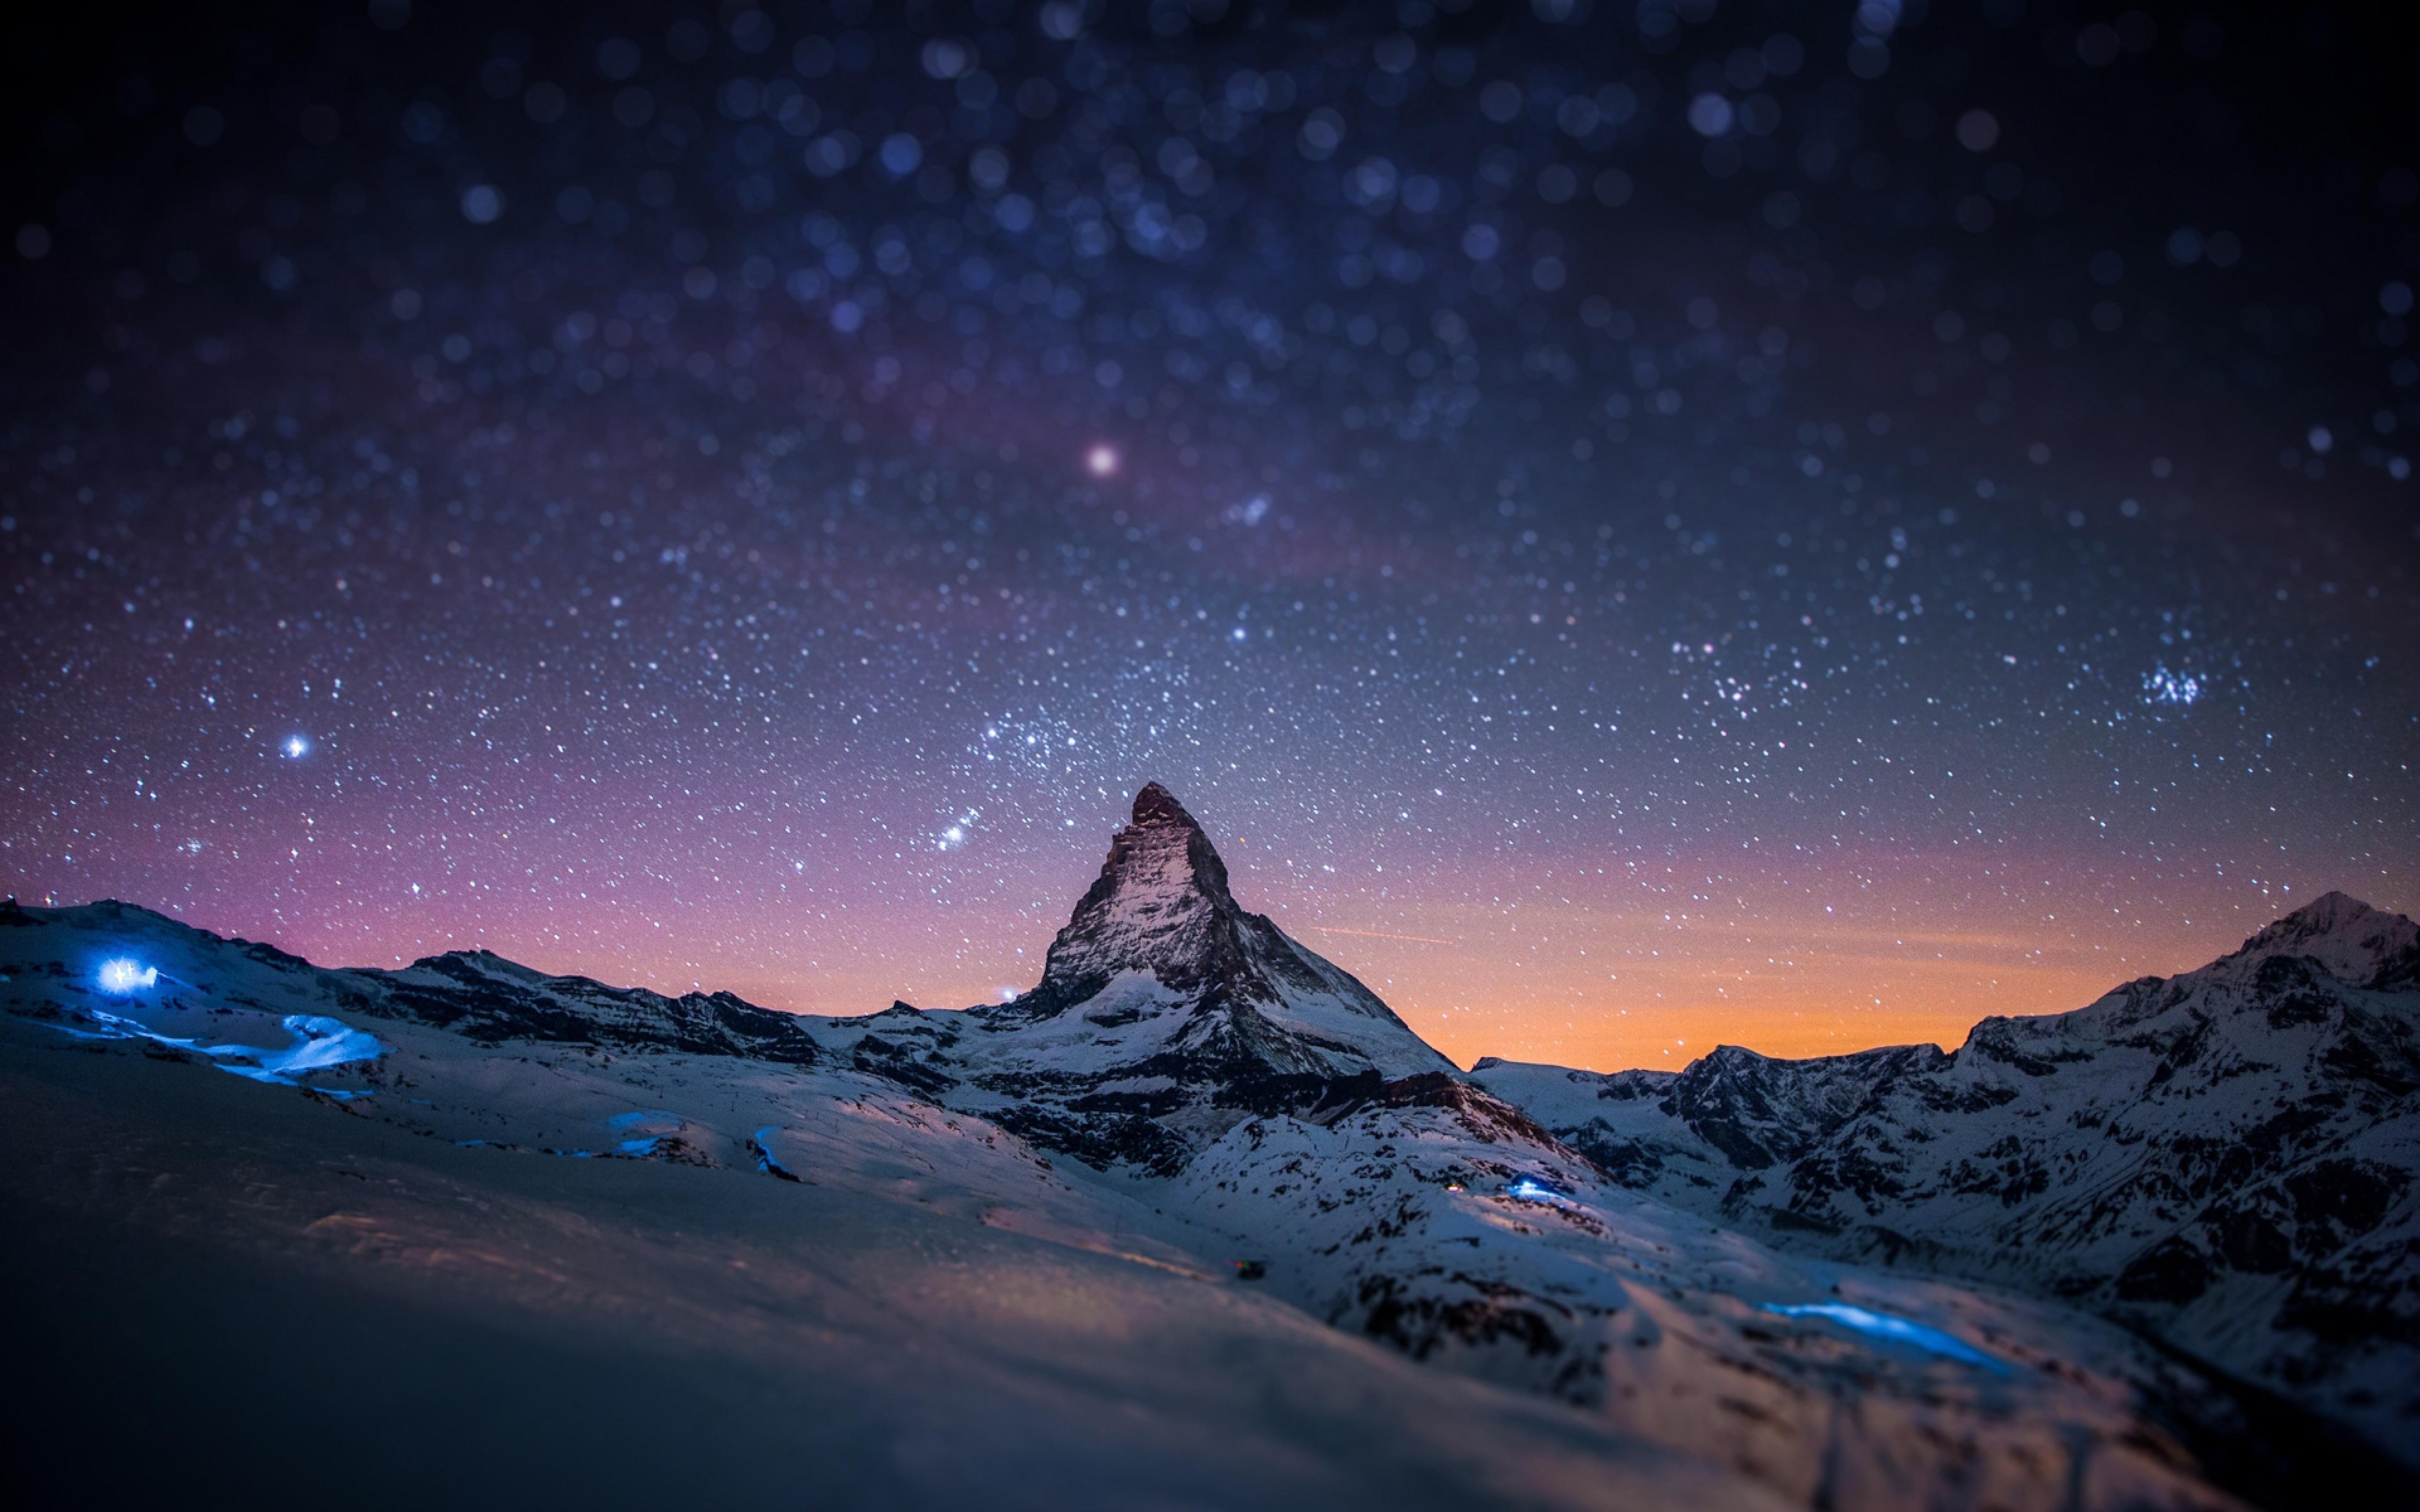 Immagini belle montagna la neve inverno cielo notte for Sfondi desktop inverno montagna